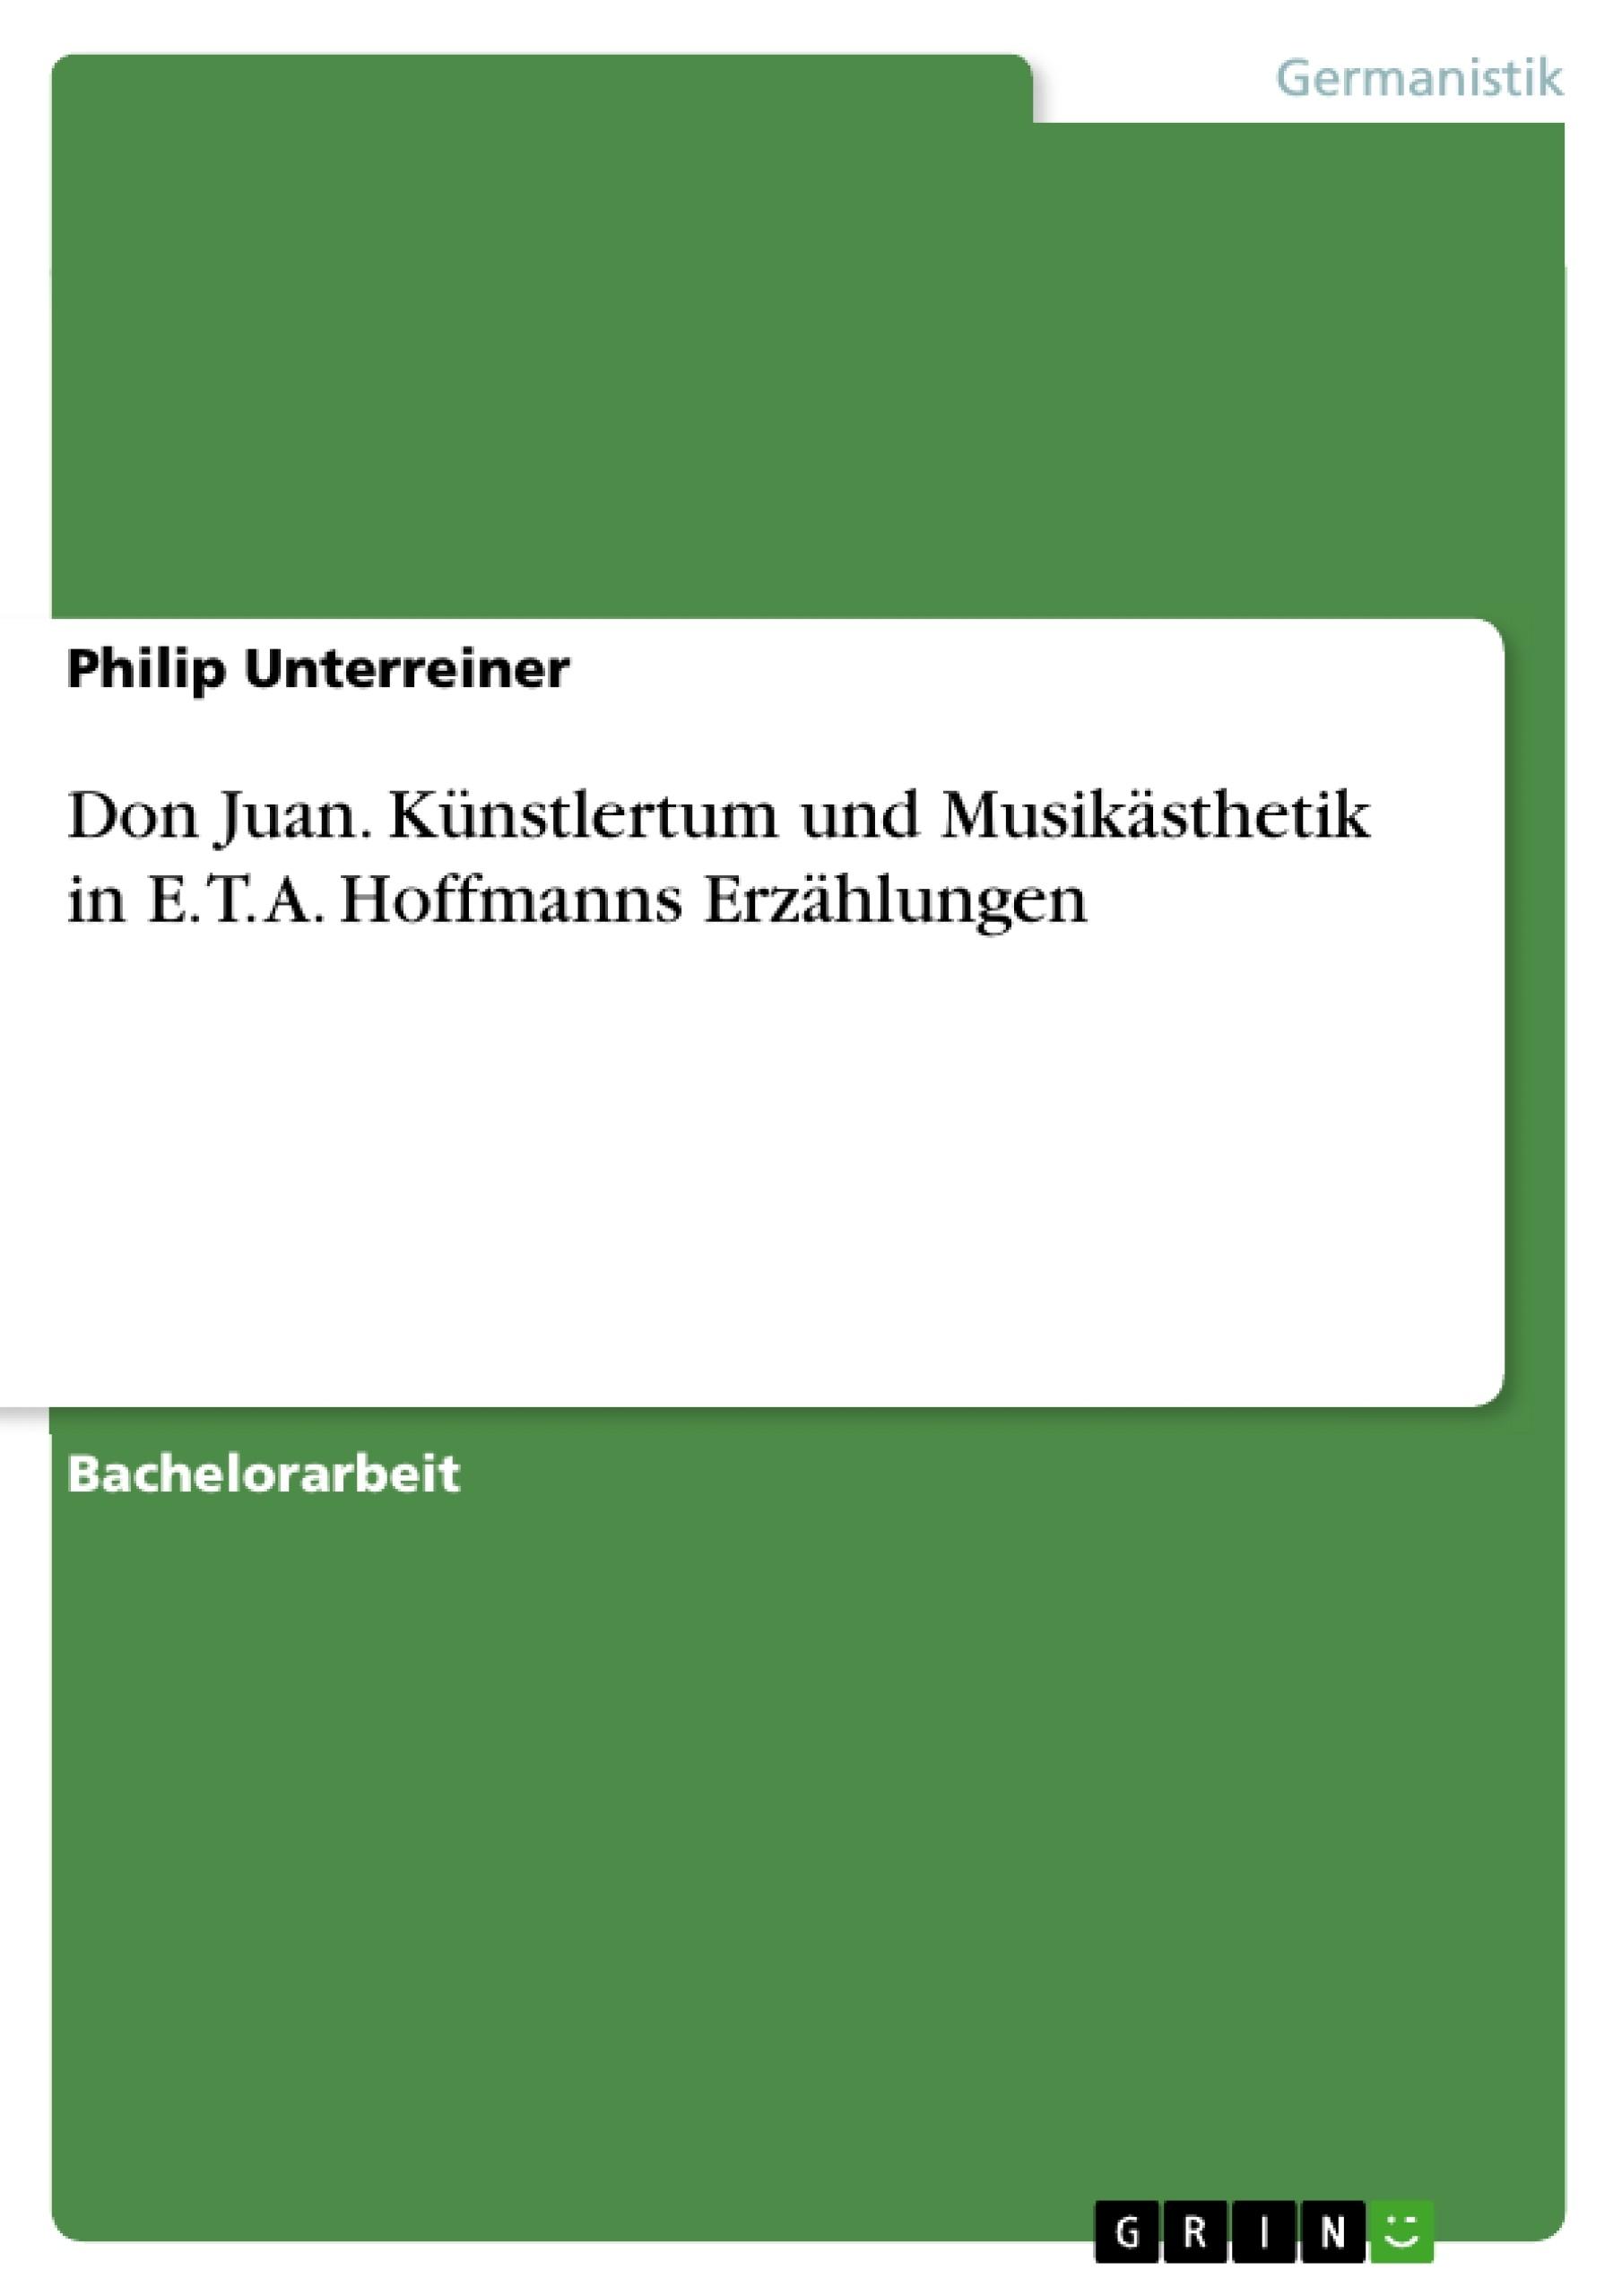 Titel: Don Juan. Künstlertum und Musikästhetik in E. T. A. Hoffmanns Erzählungen